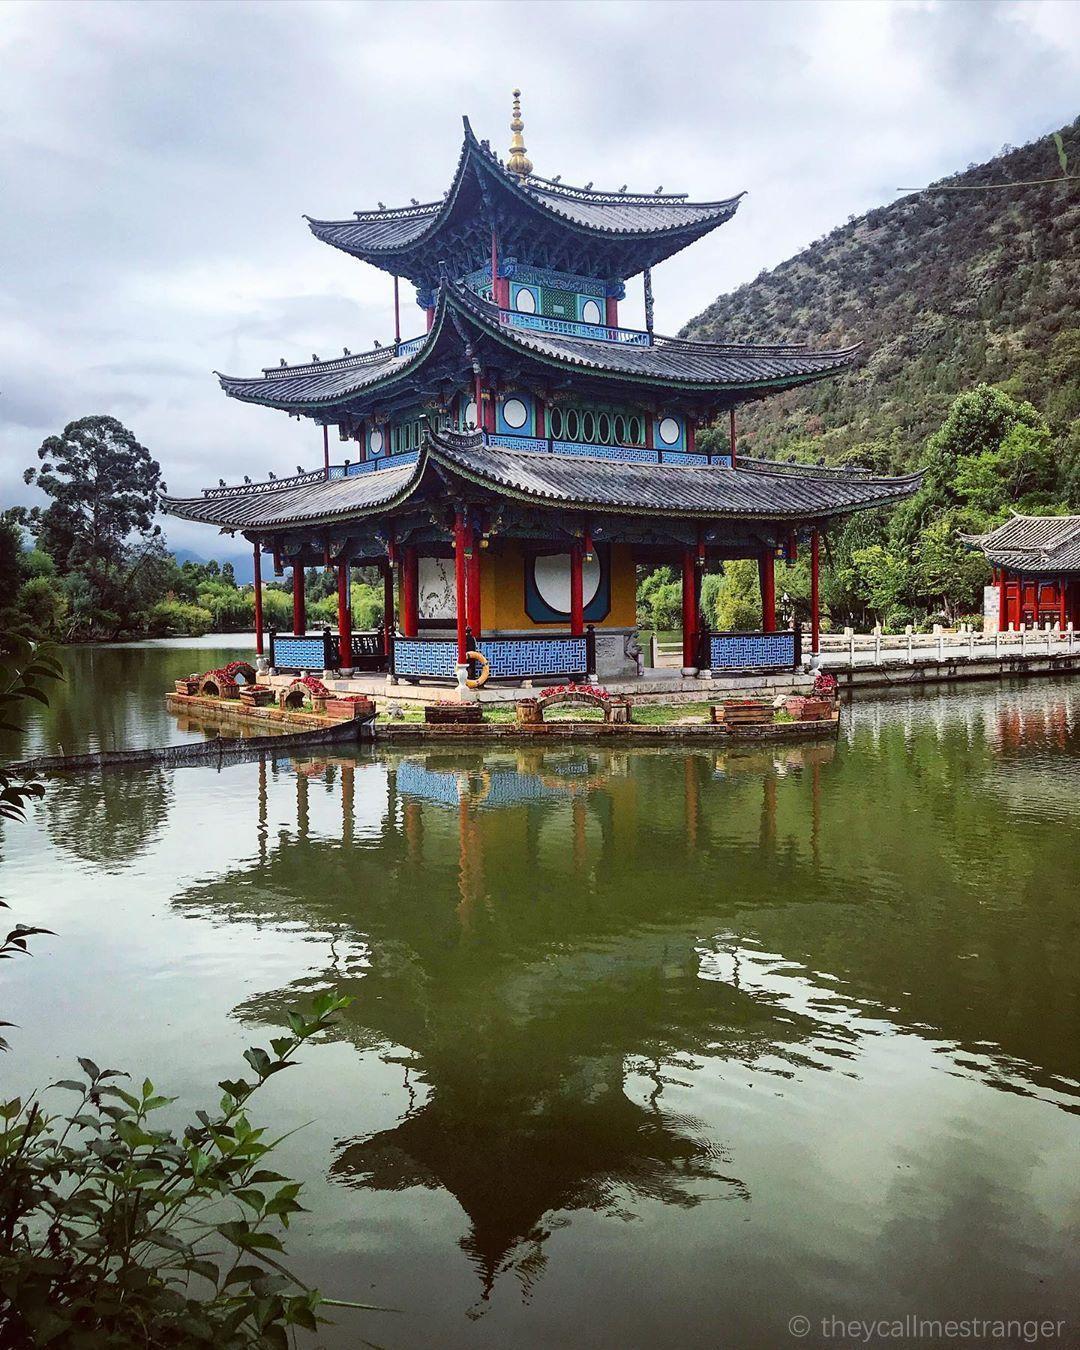 La vieille ville de Lijiang 丽江古城